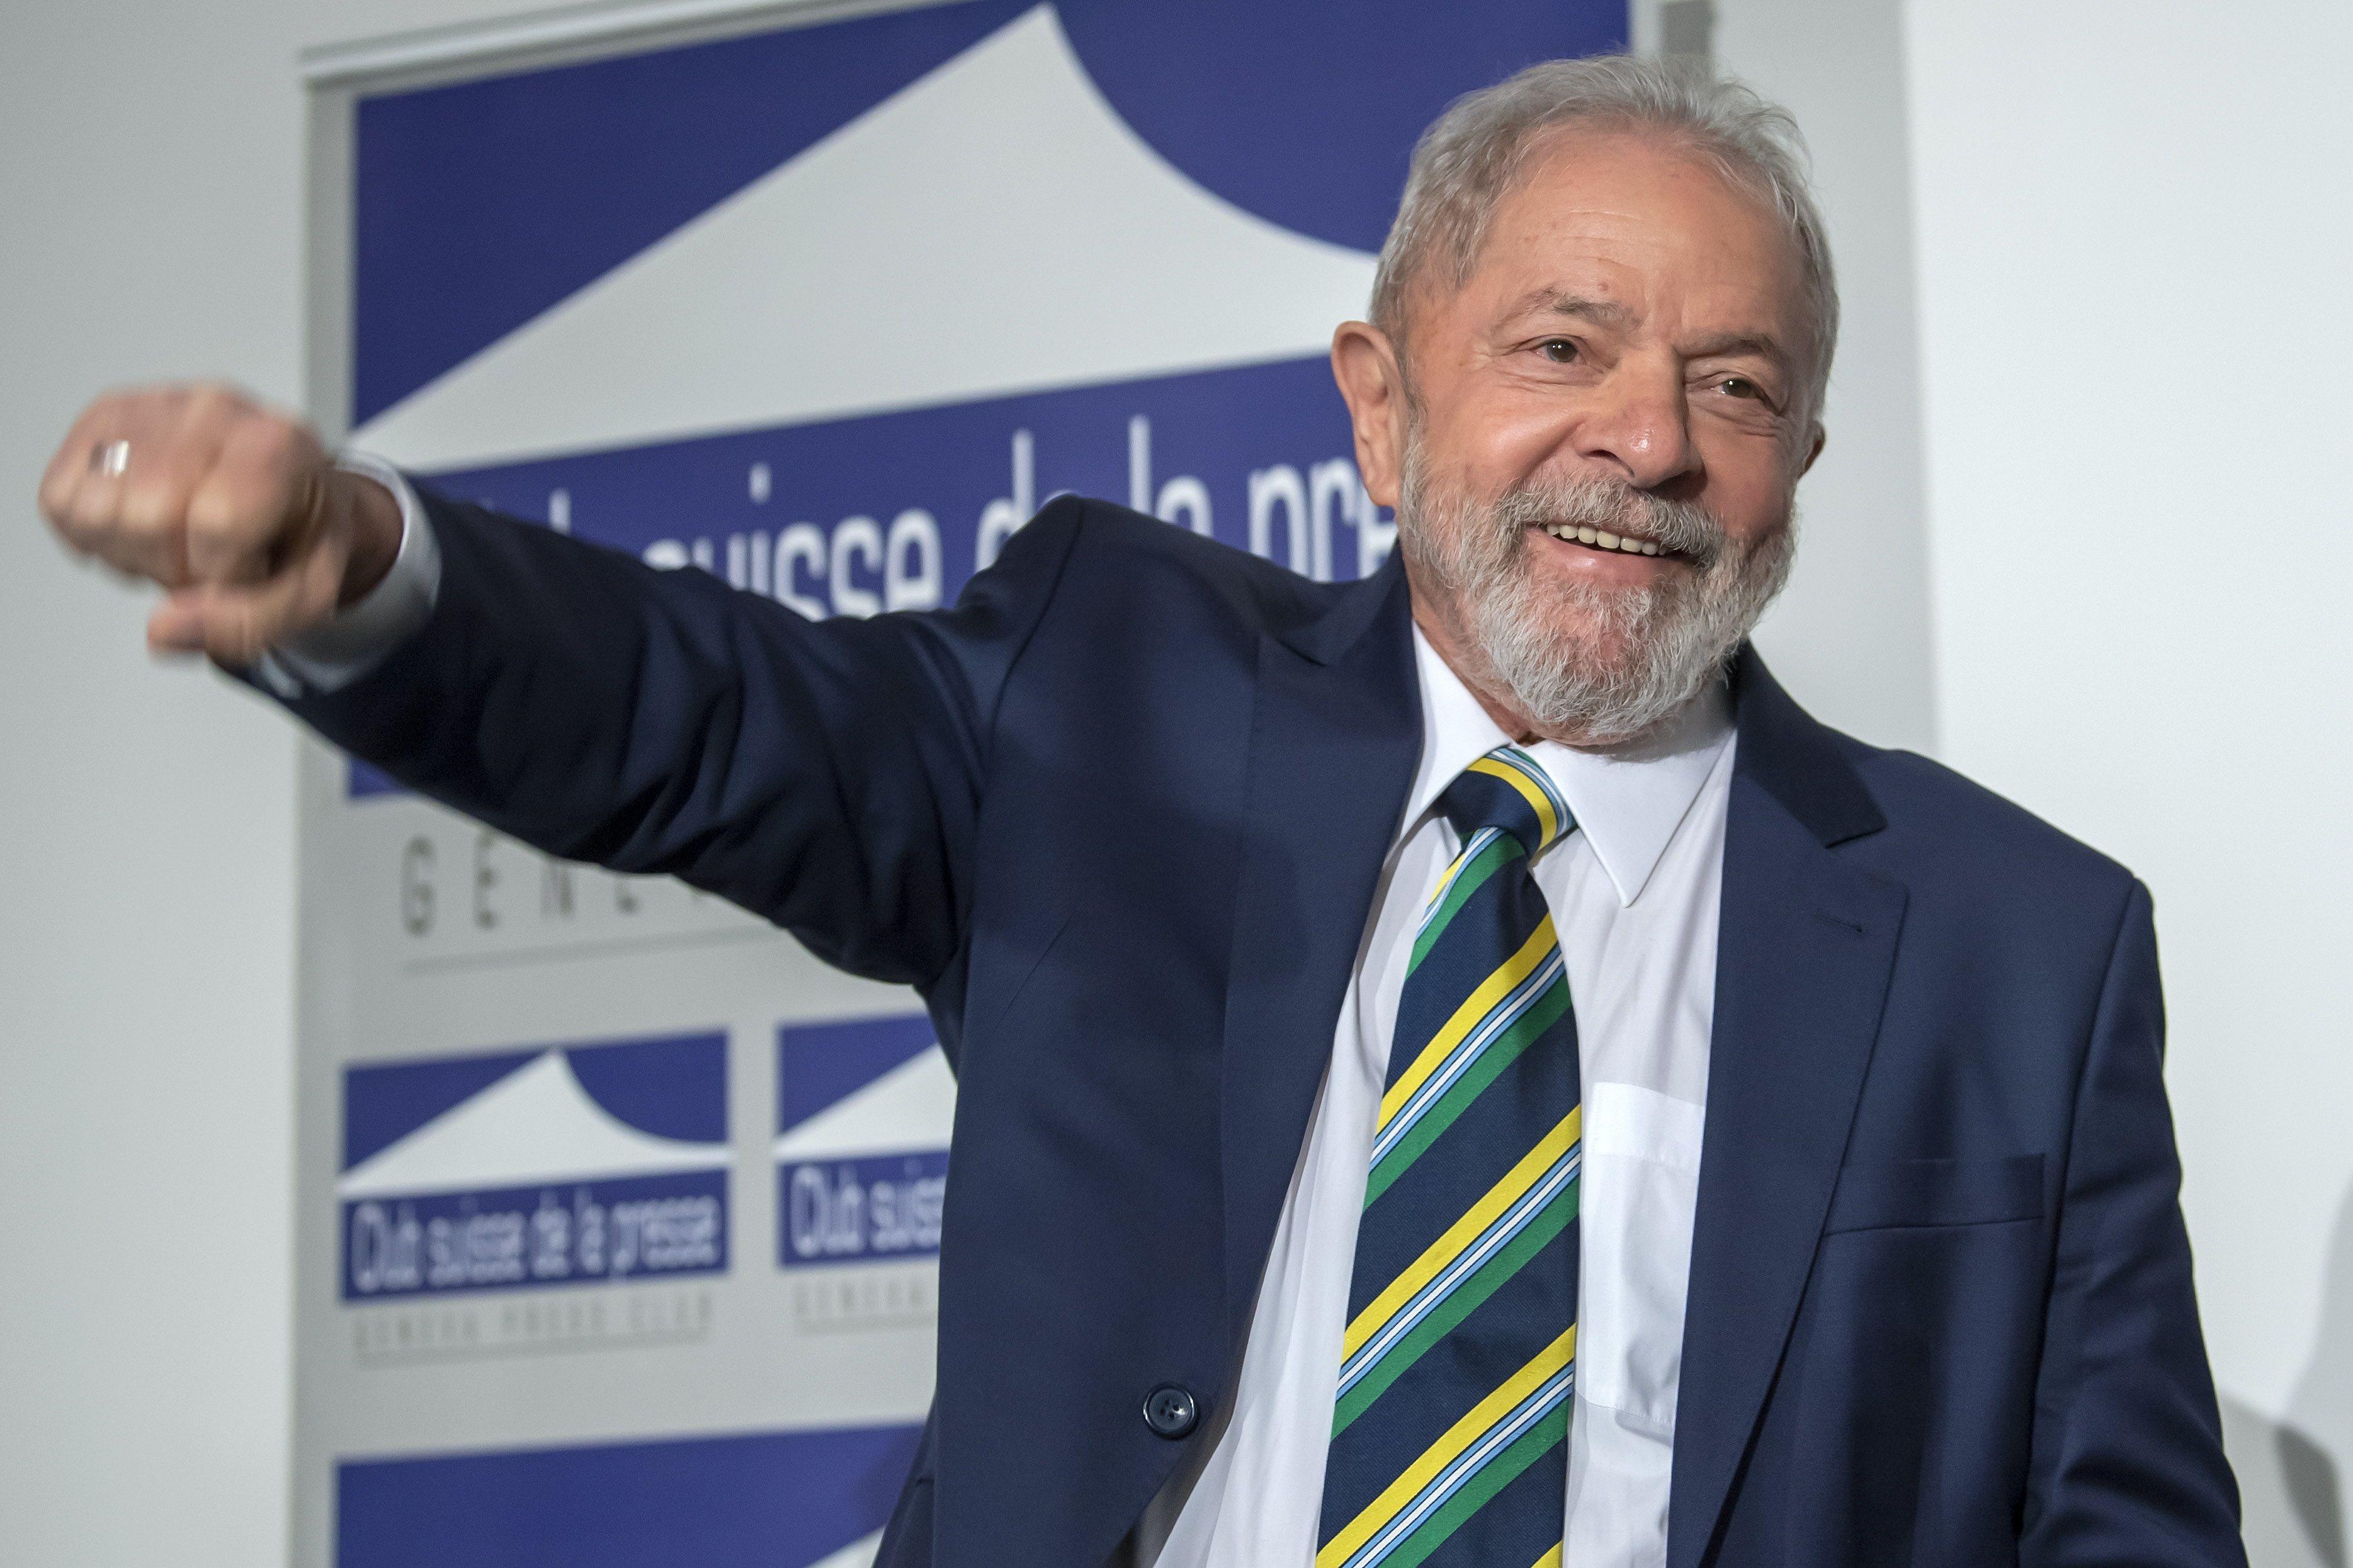 En la imagen, el expresidente brasileño Luiz Inácio Lula da Silva. EFE/Martial Trezzini/Archivo